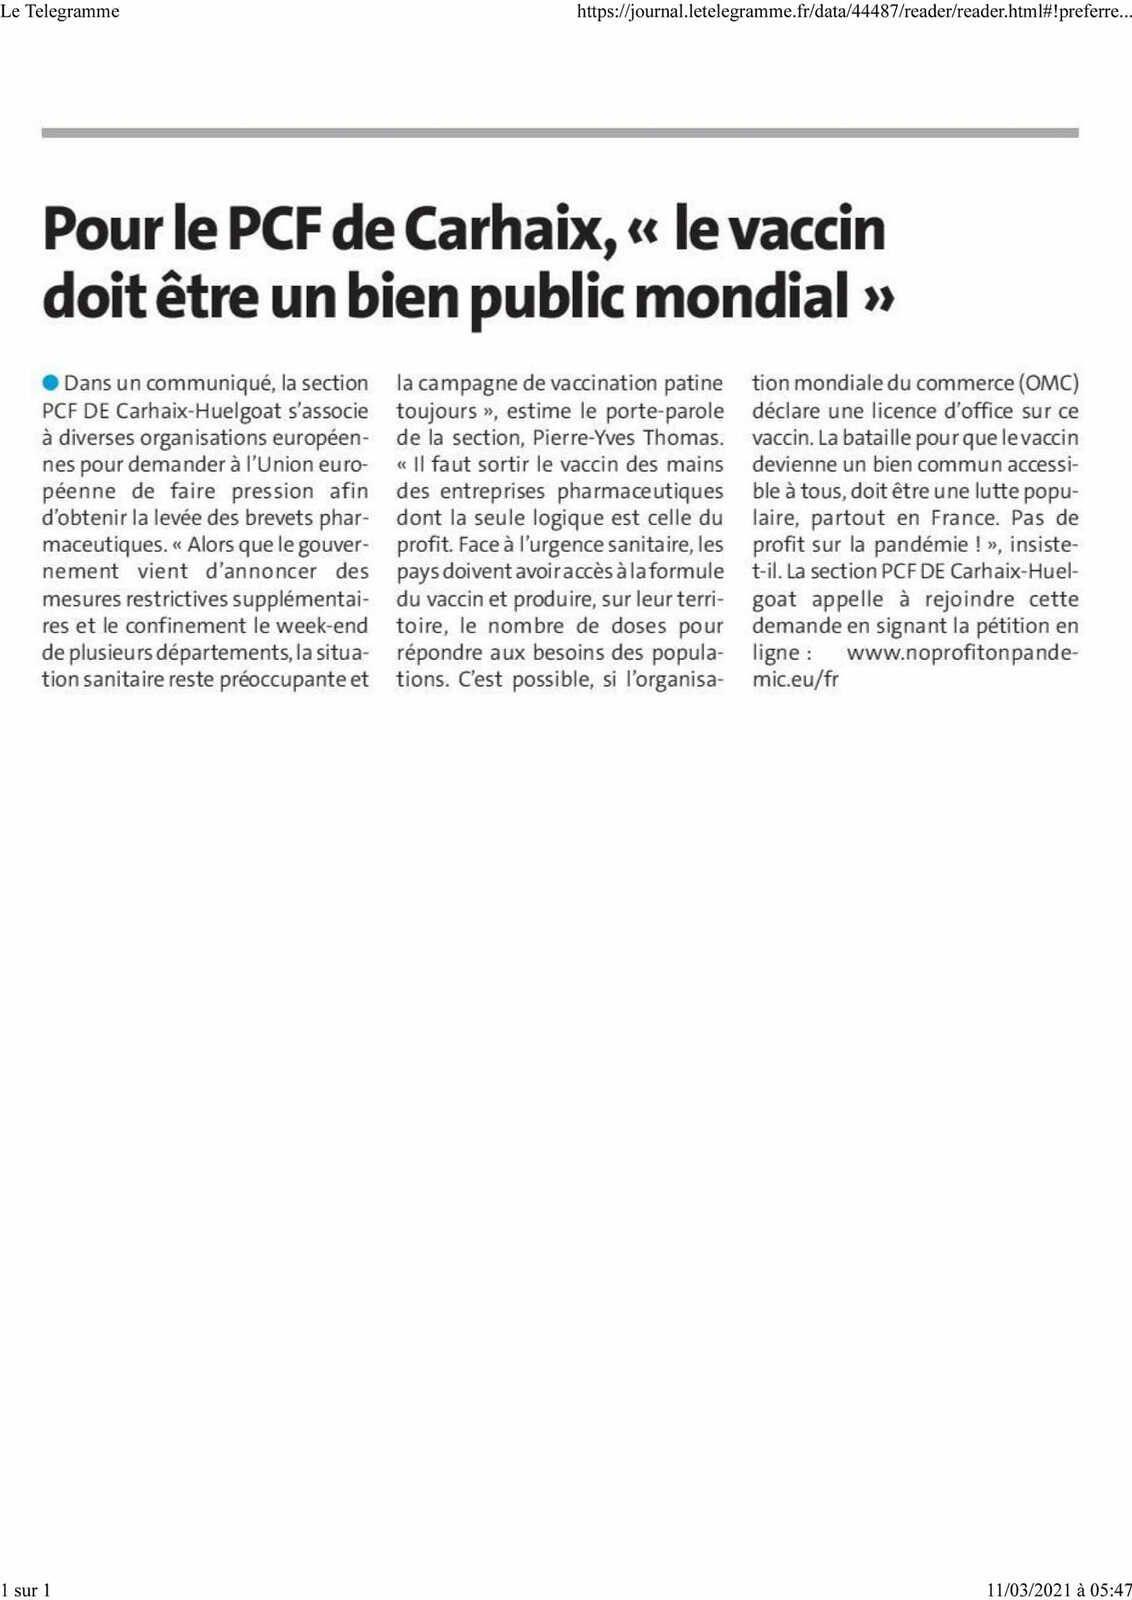 Pour le PCF de Carhaix-Huelgoat, le vaccin doit être un bien public mondial. Le Télégramme, 11 mars.